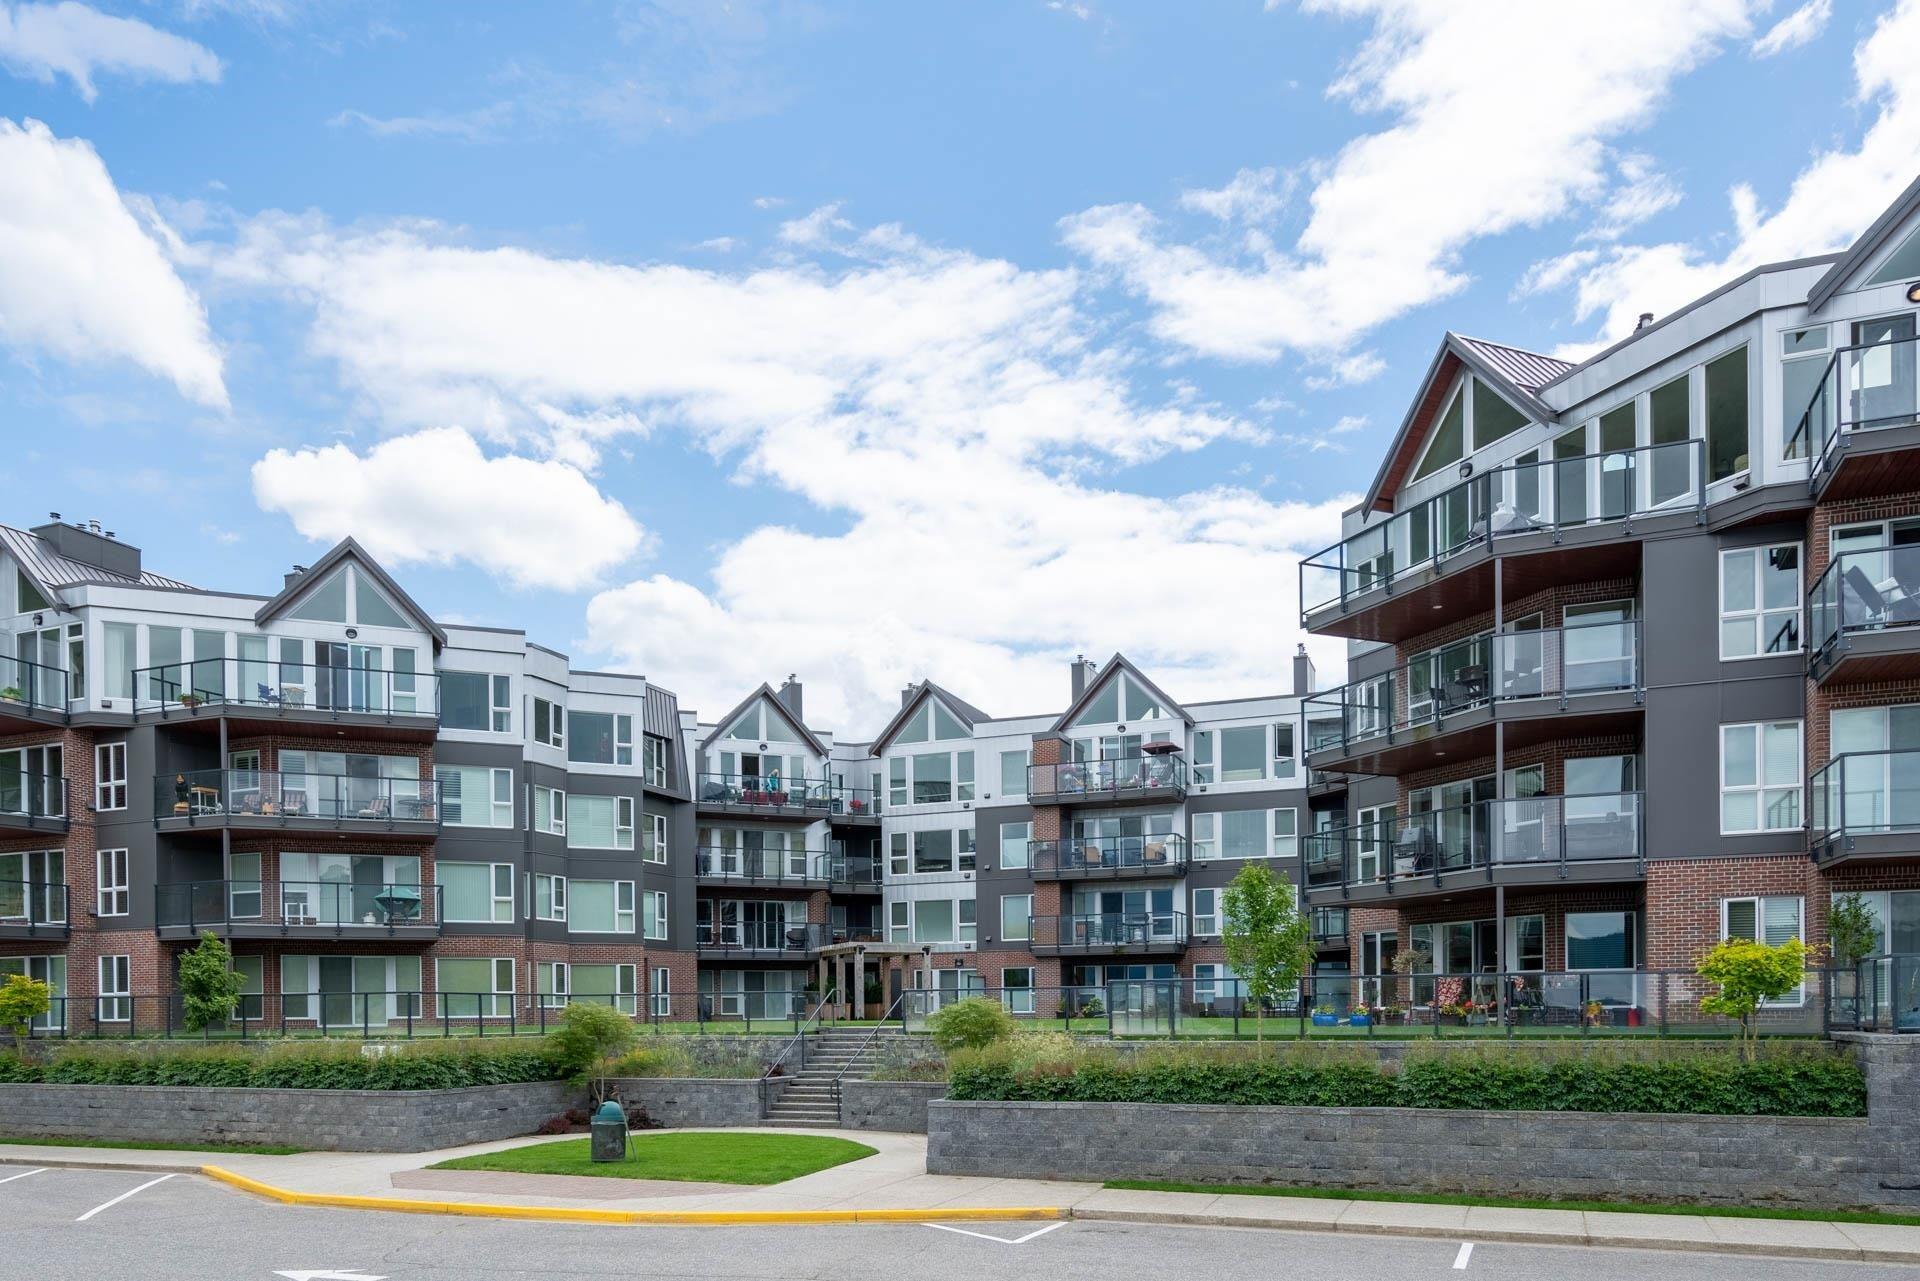 218 378 ESPLANADE AVENUE - Harrison Hot Springs Apartment/Condo for sale, 2 Bedrooms (R2626609) - #1